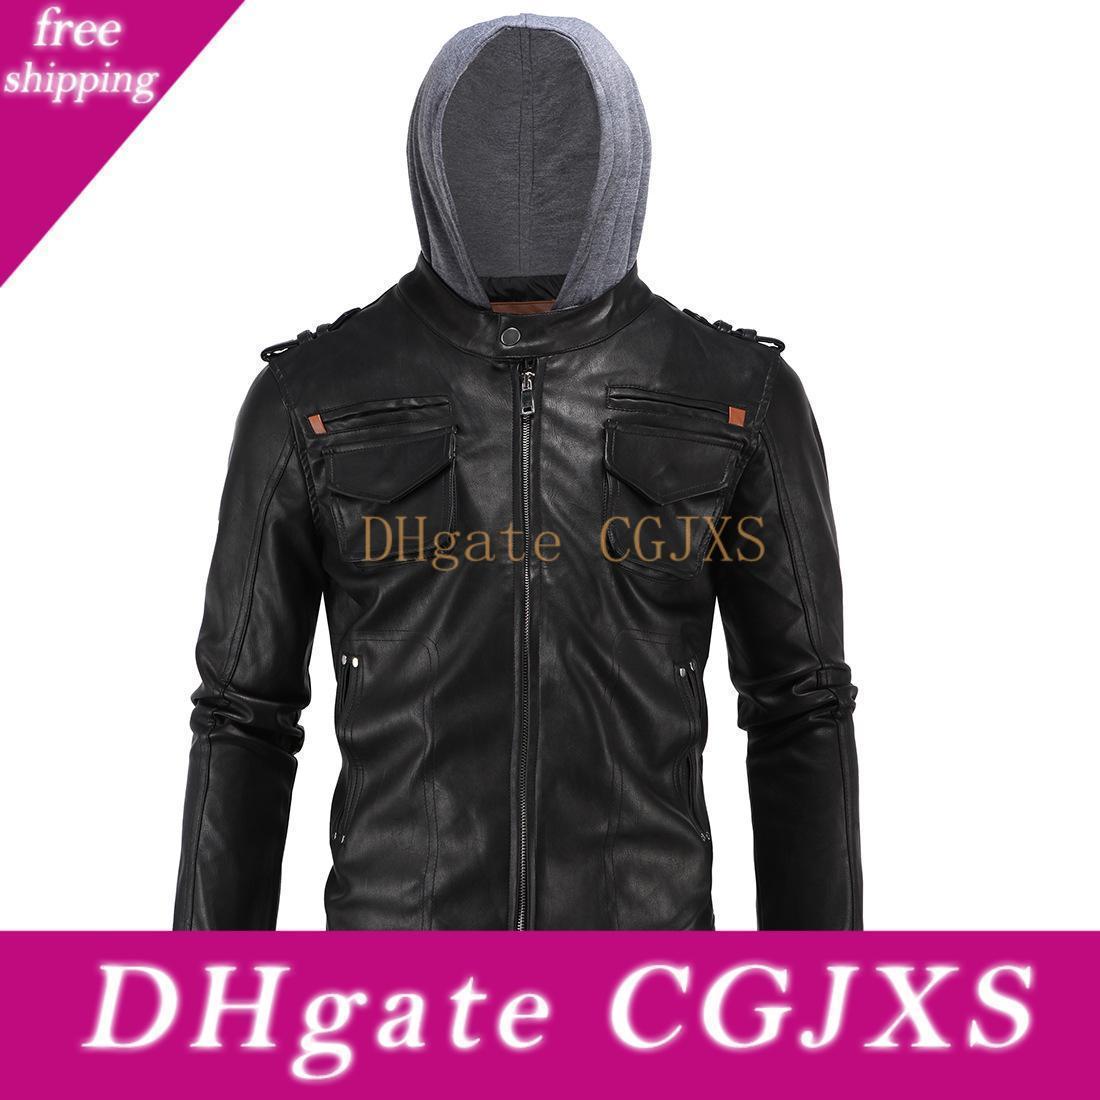 Il modo Europa ed elegante uomini '; S Wear Carrie cappotto di cuoio semplice locomotiva incappucciato cappotto di cuoio Ultra-Large Size Xd